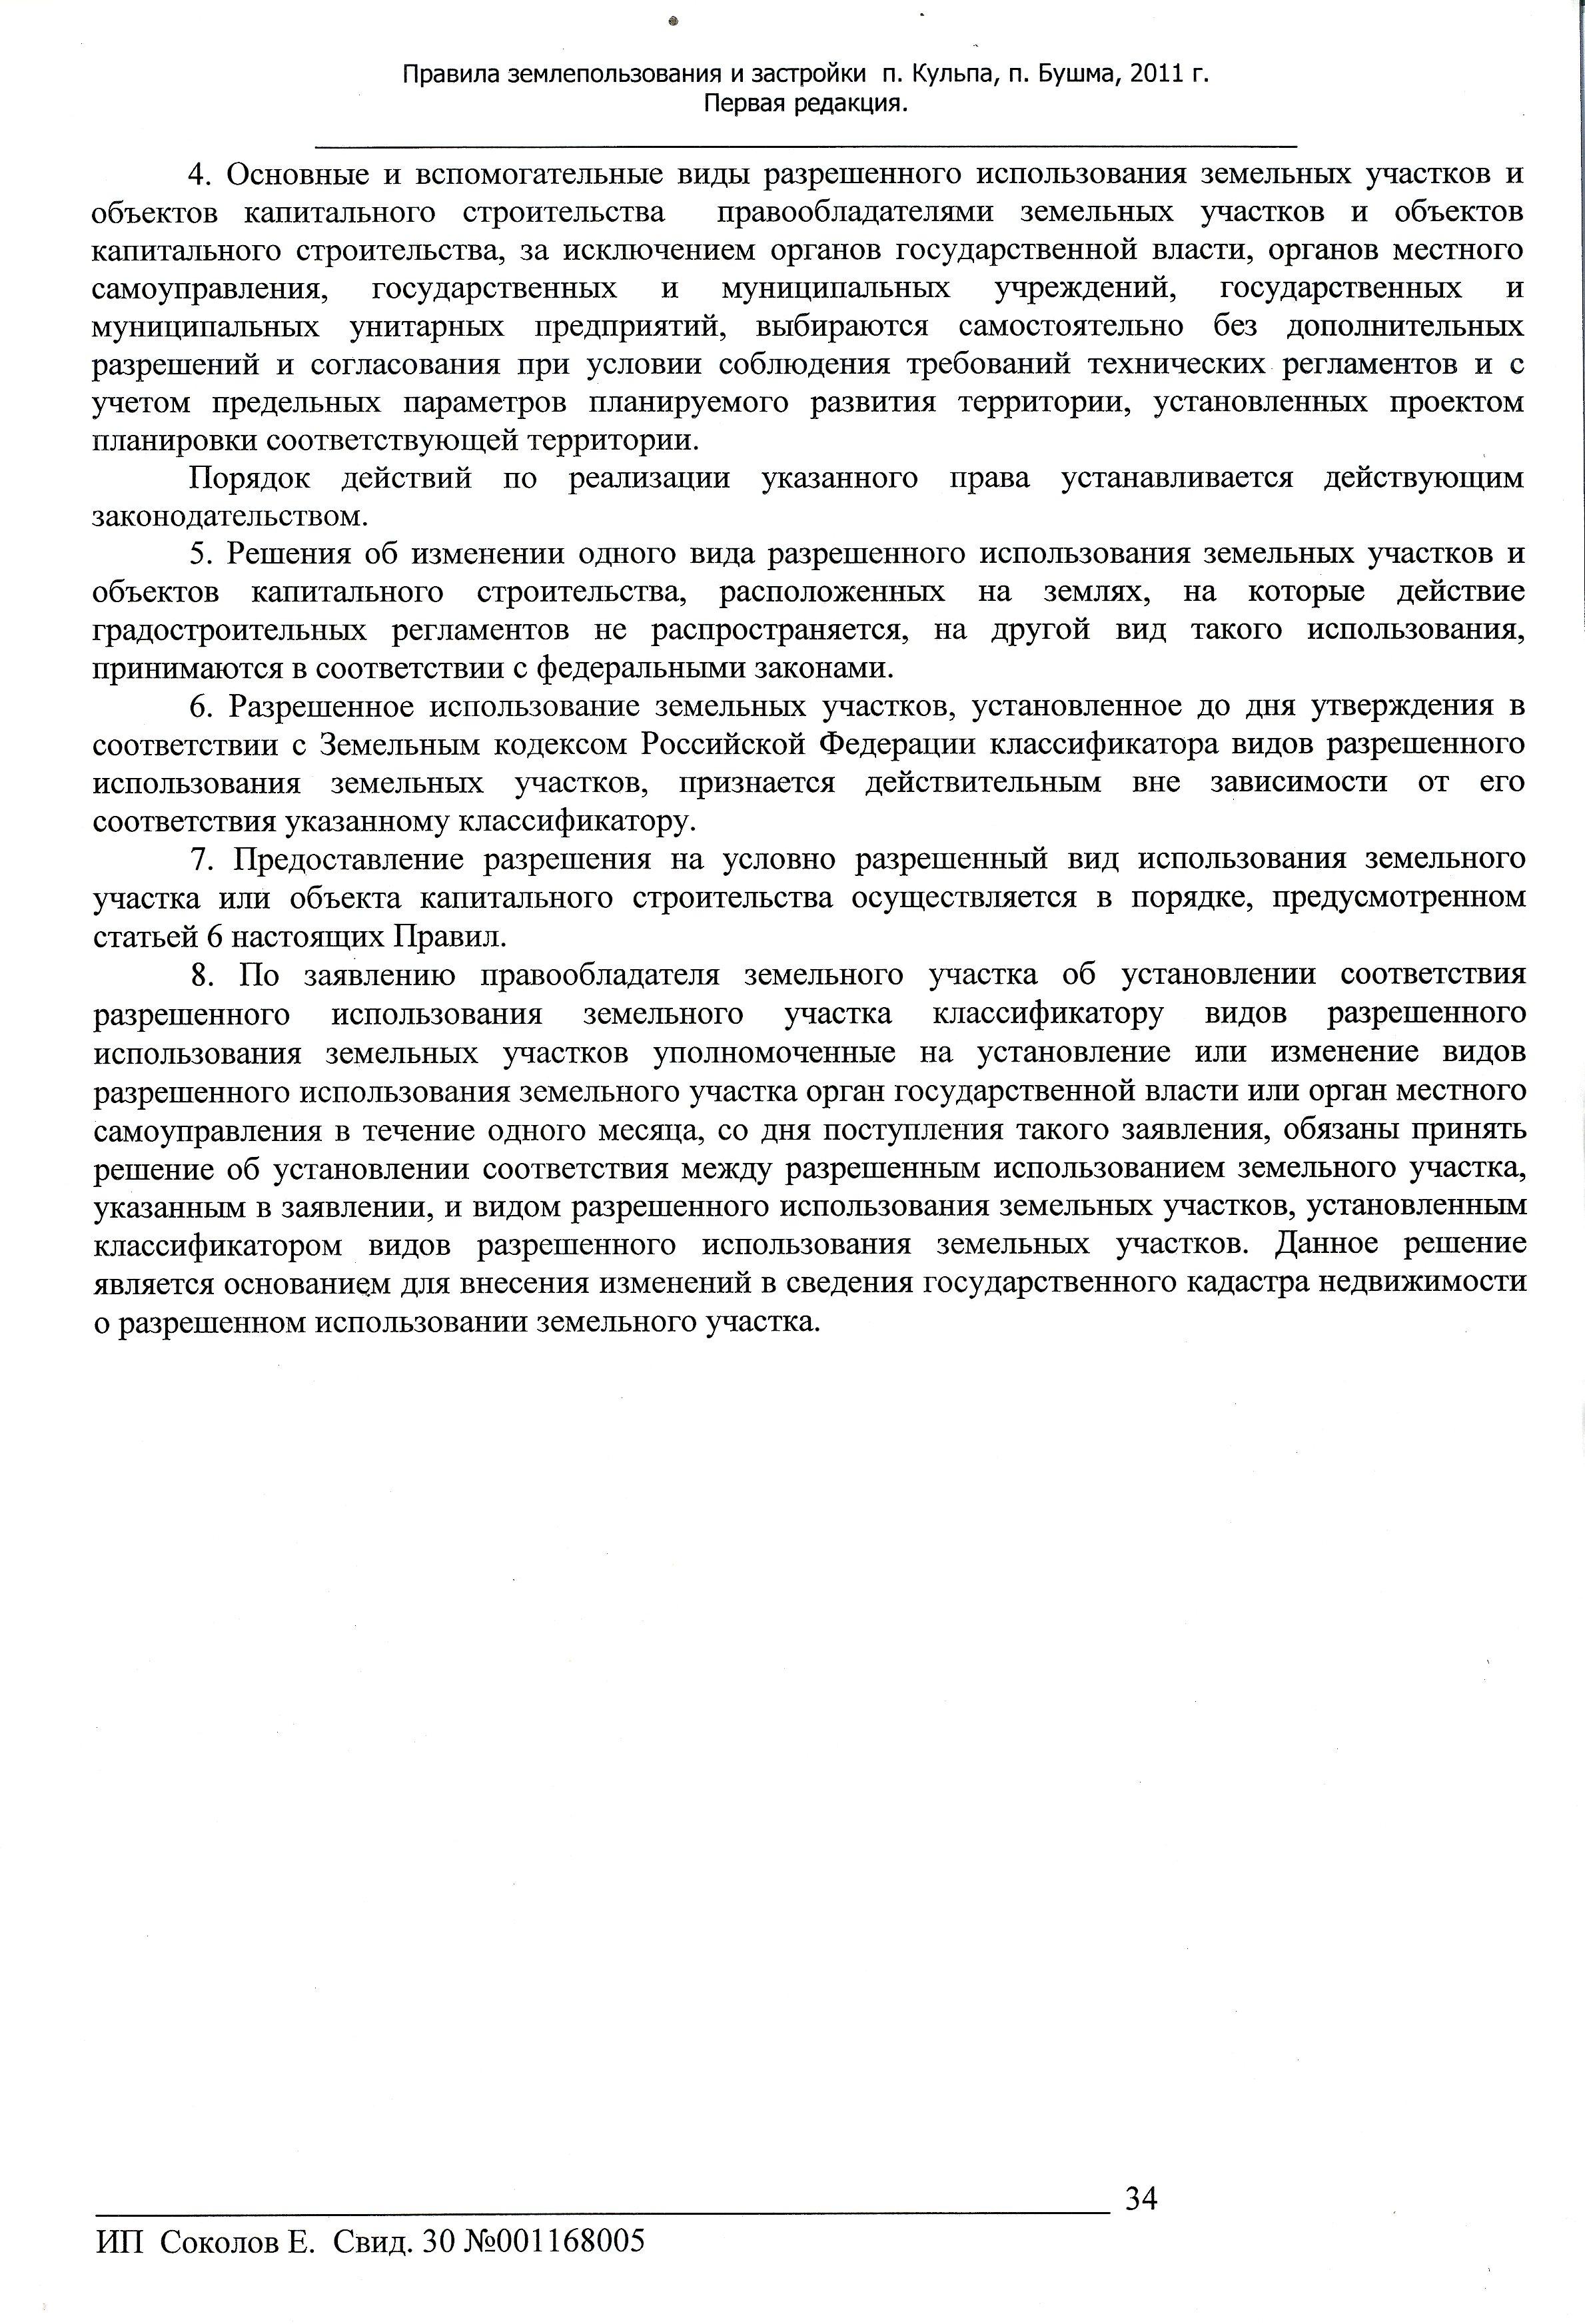 Внесение изменений в правила землепользования и застройки (с. Кулаковка, п. Новый Кутум) (5)